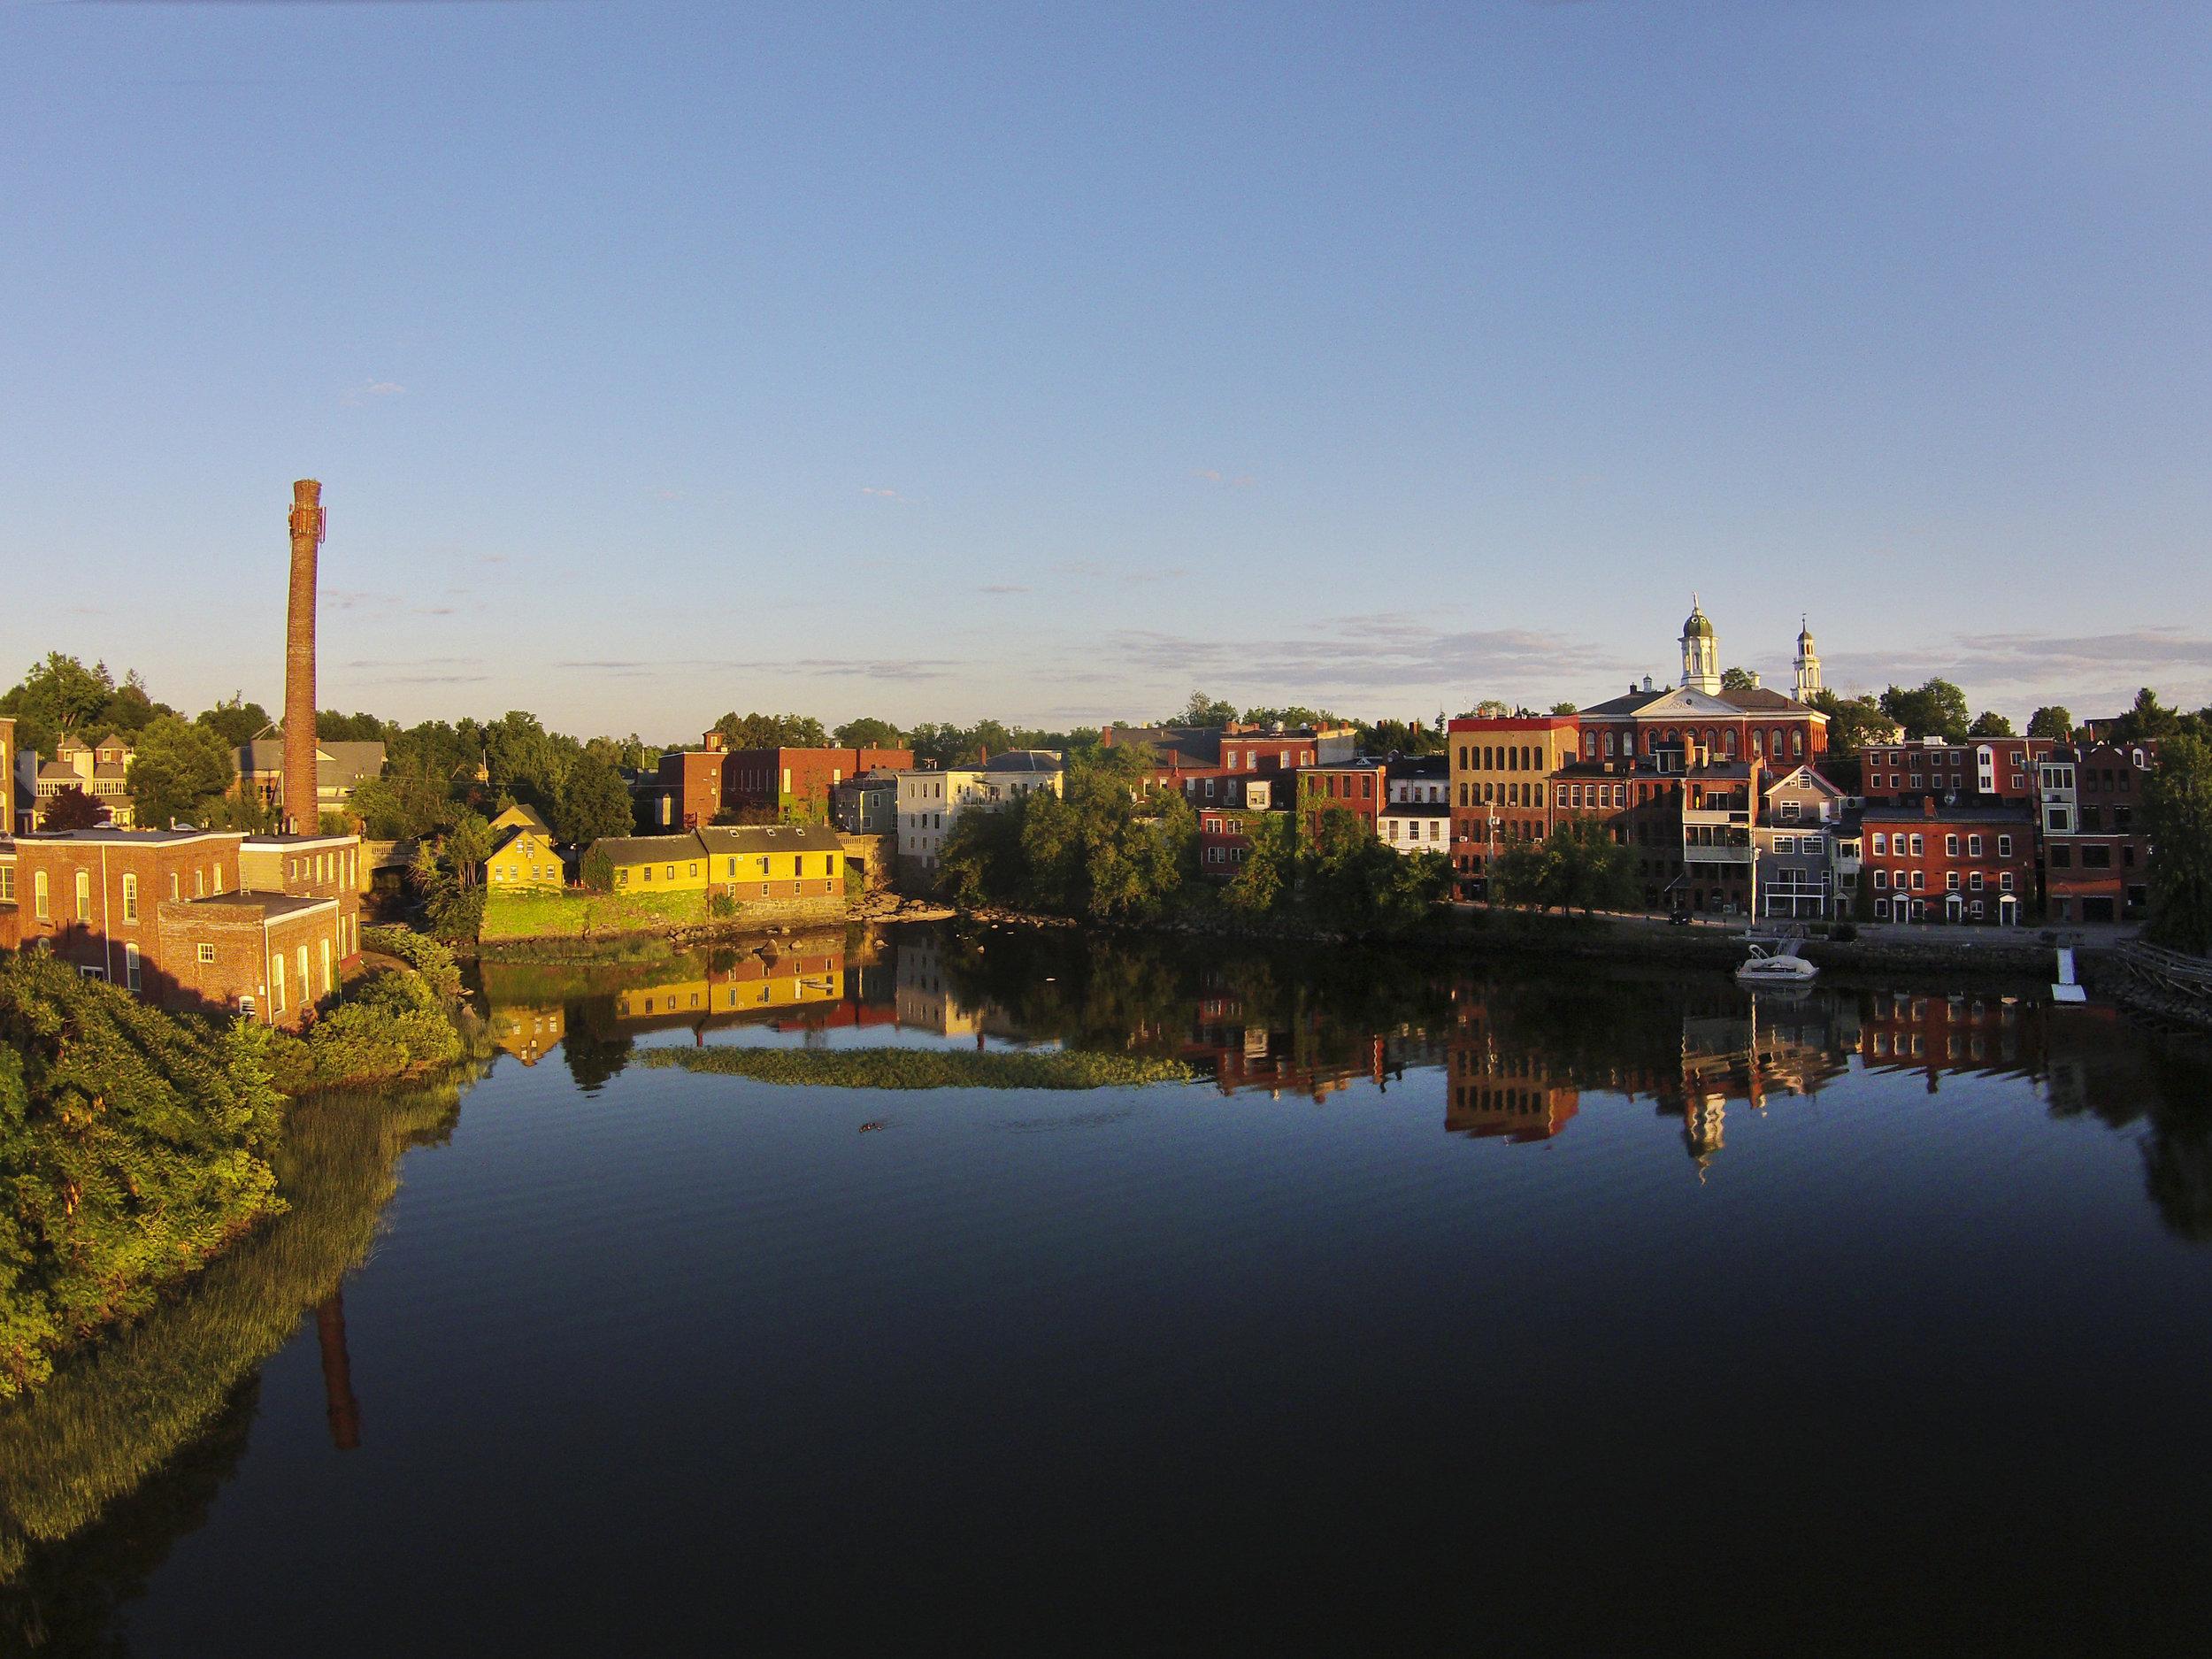 Exeter01.jpg